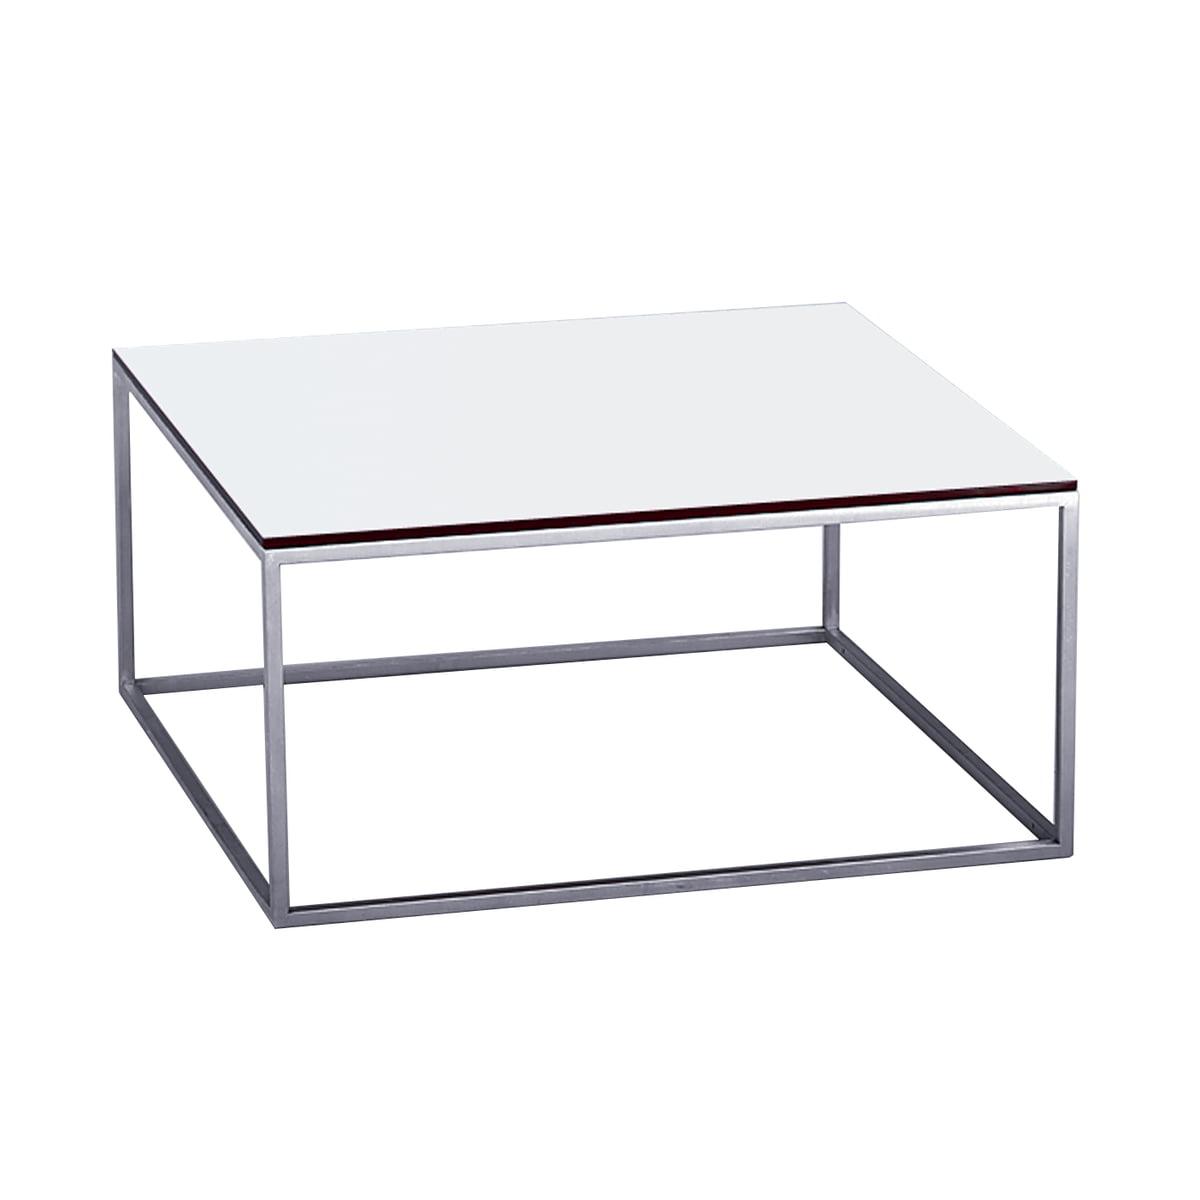 Weiss Tischgestell Edelstahl Geschliffen Couchtische Online Kaufen